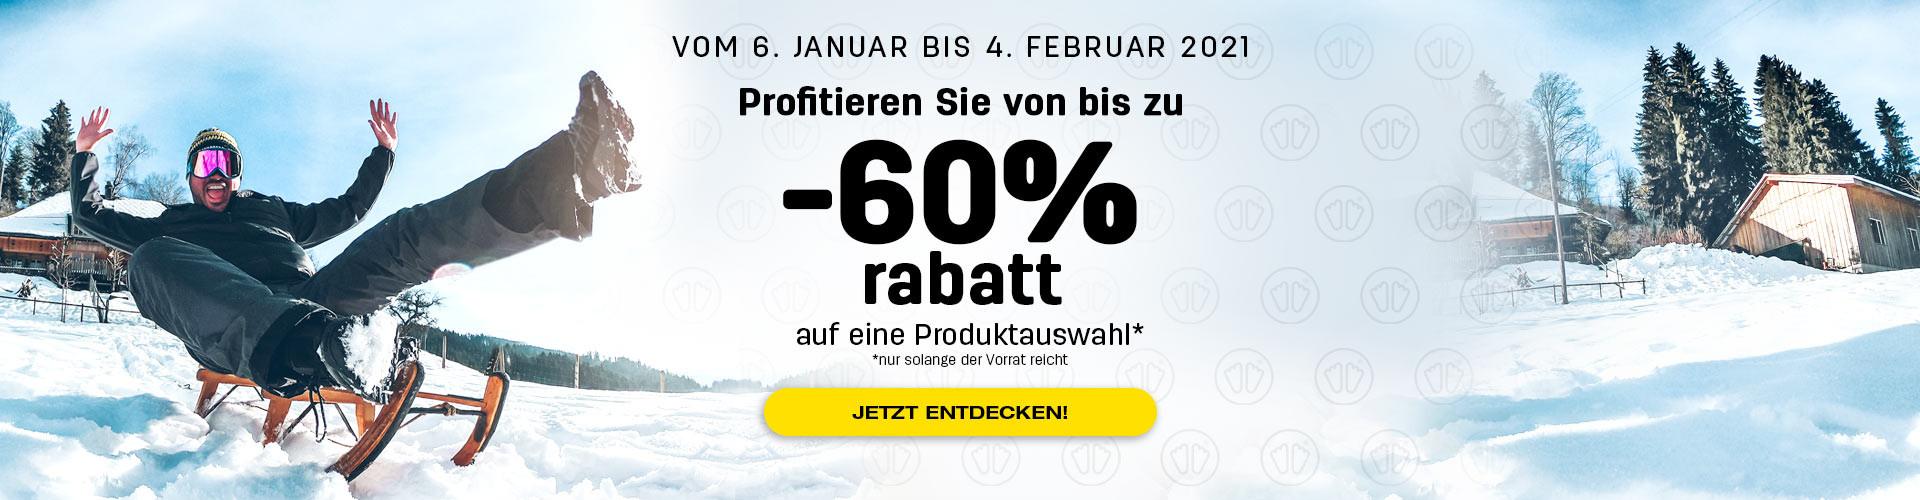 Profitieren Sie von bis zu -60% rabatt auf eine Produktauswahl!